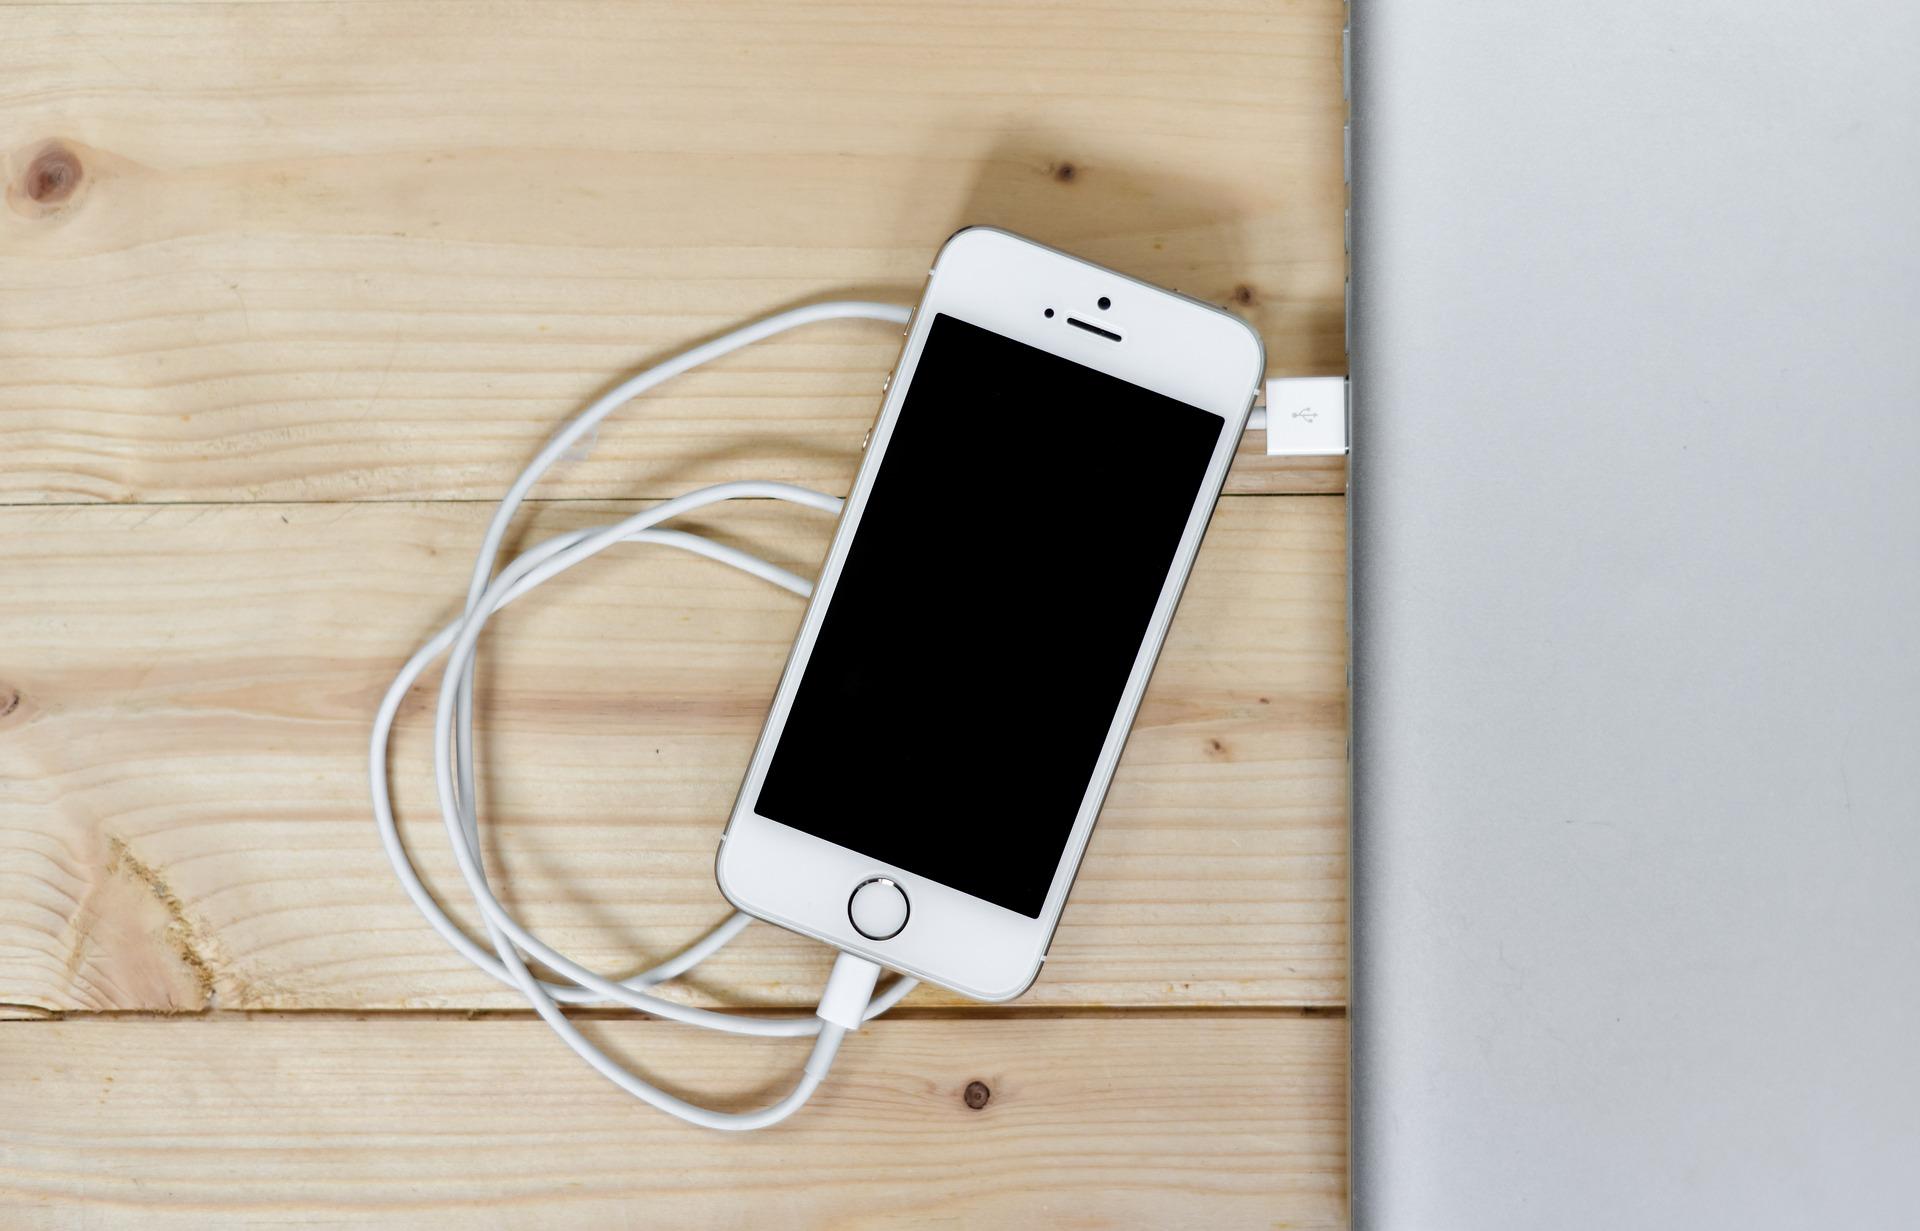 iPhoneが充電できない!充電修理ができるのはどこ?